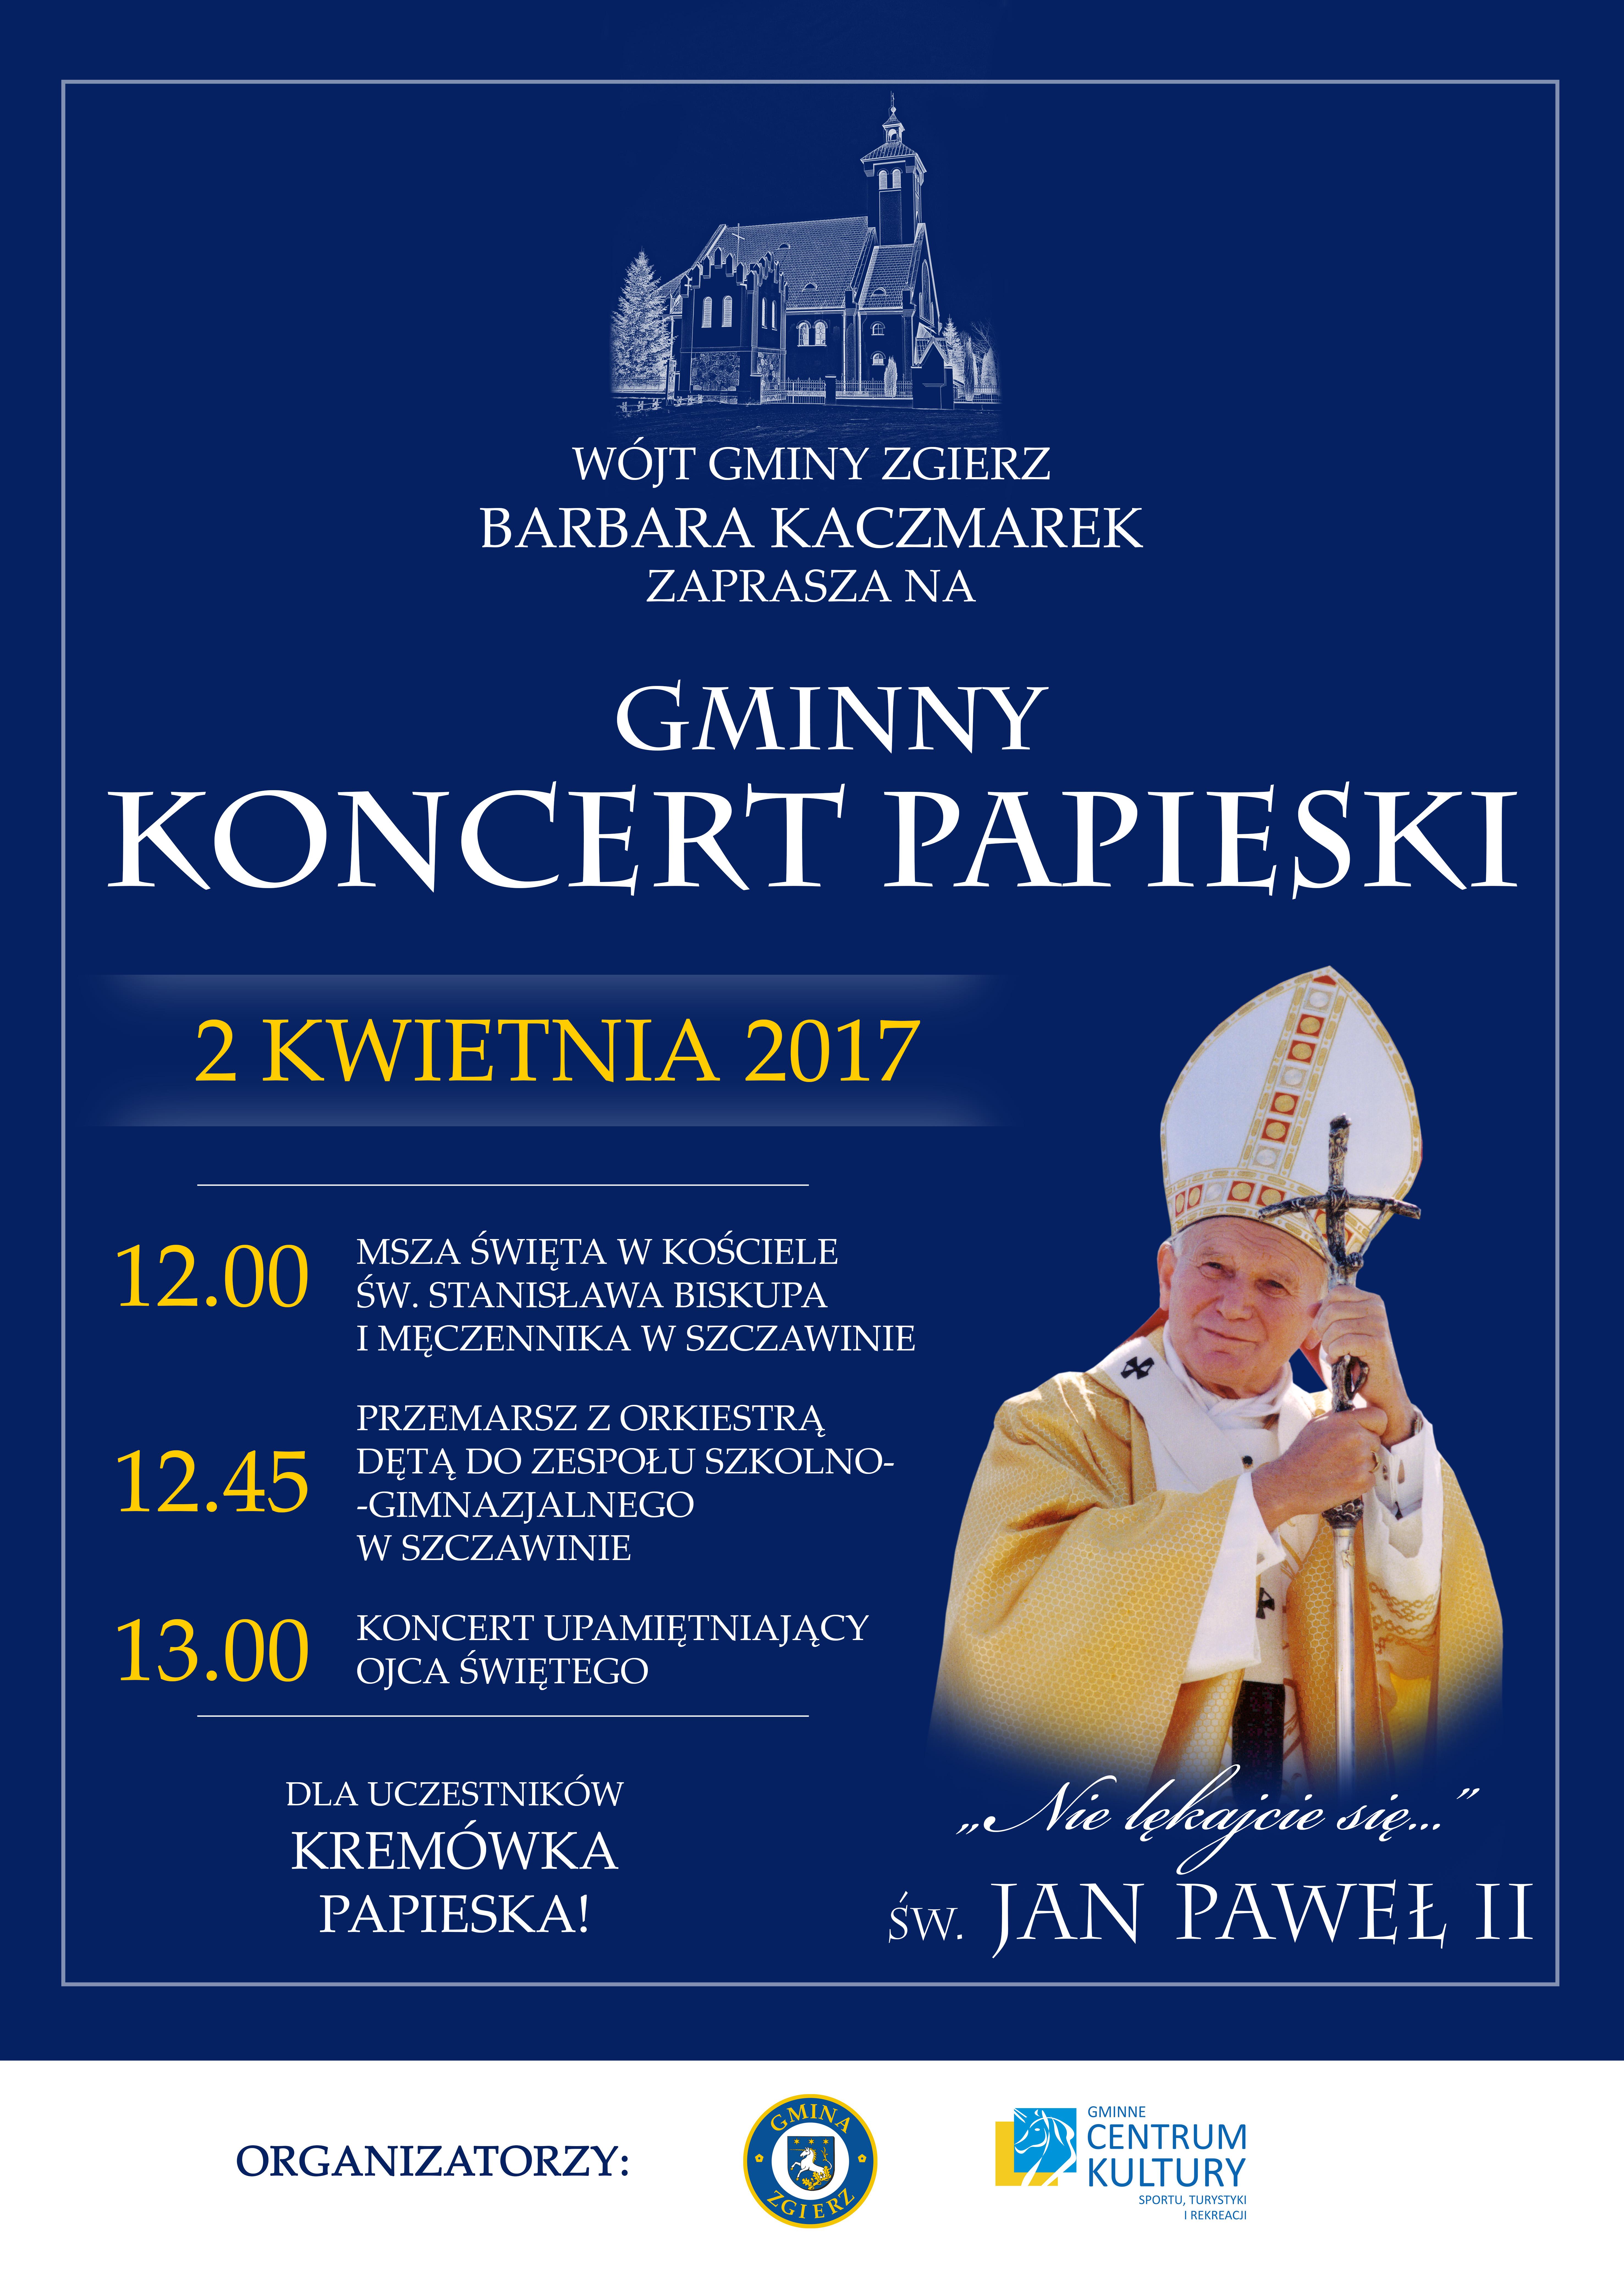 Gminny Koncert Papieski